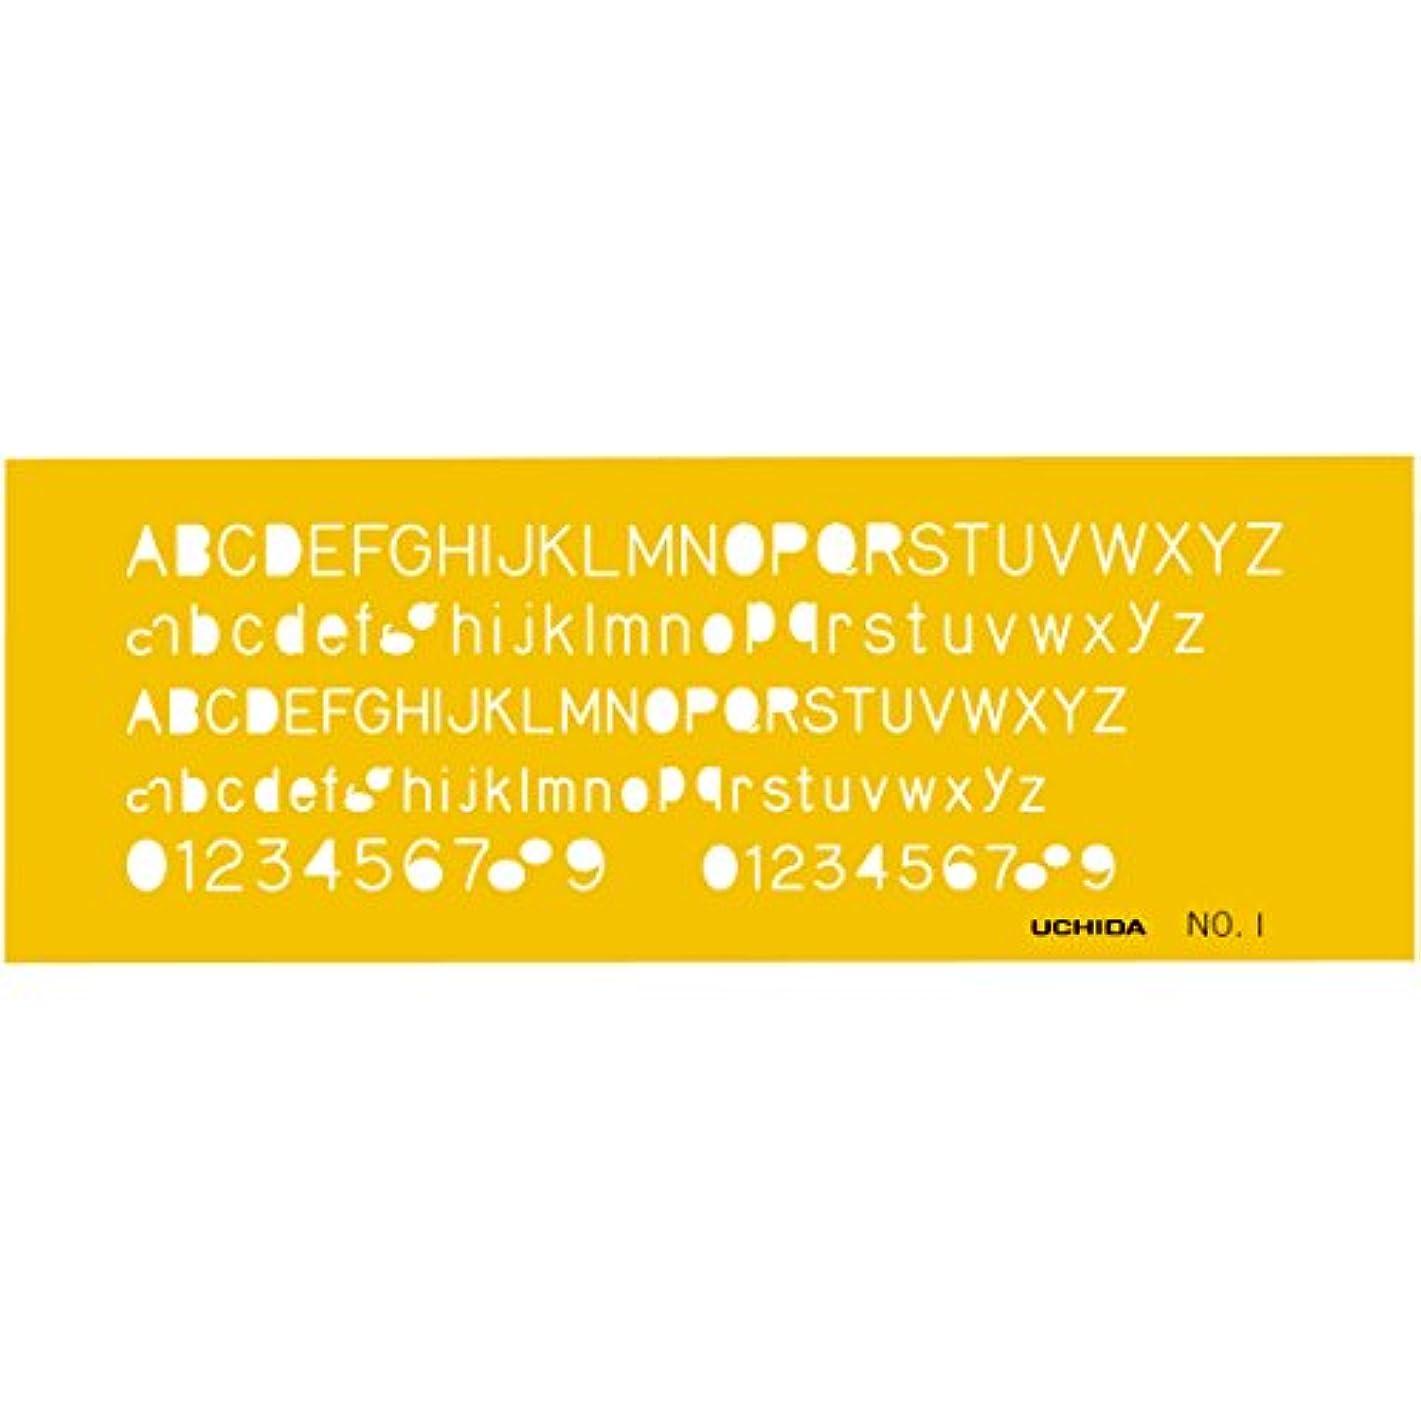 踏み台電気陽性司法ウチダ テンプレート No.1 英字数字定規 1-843-1001